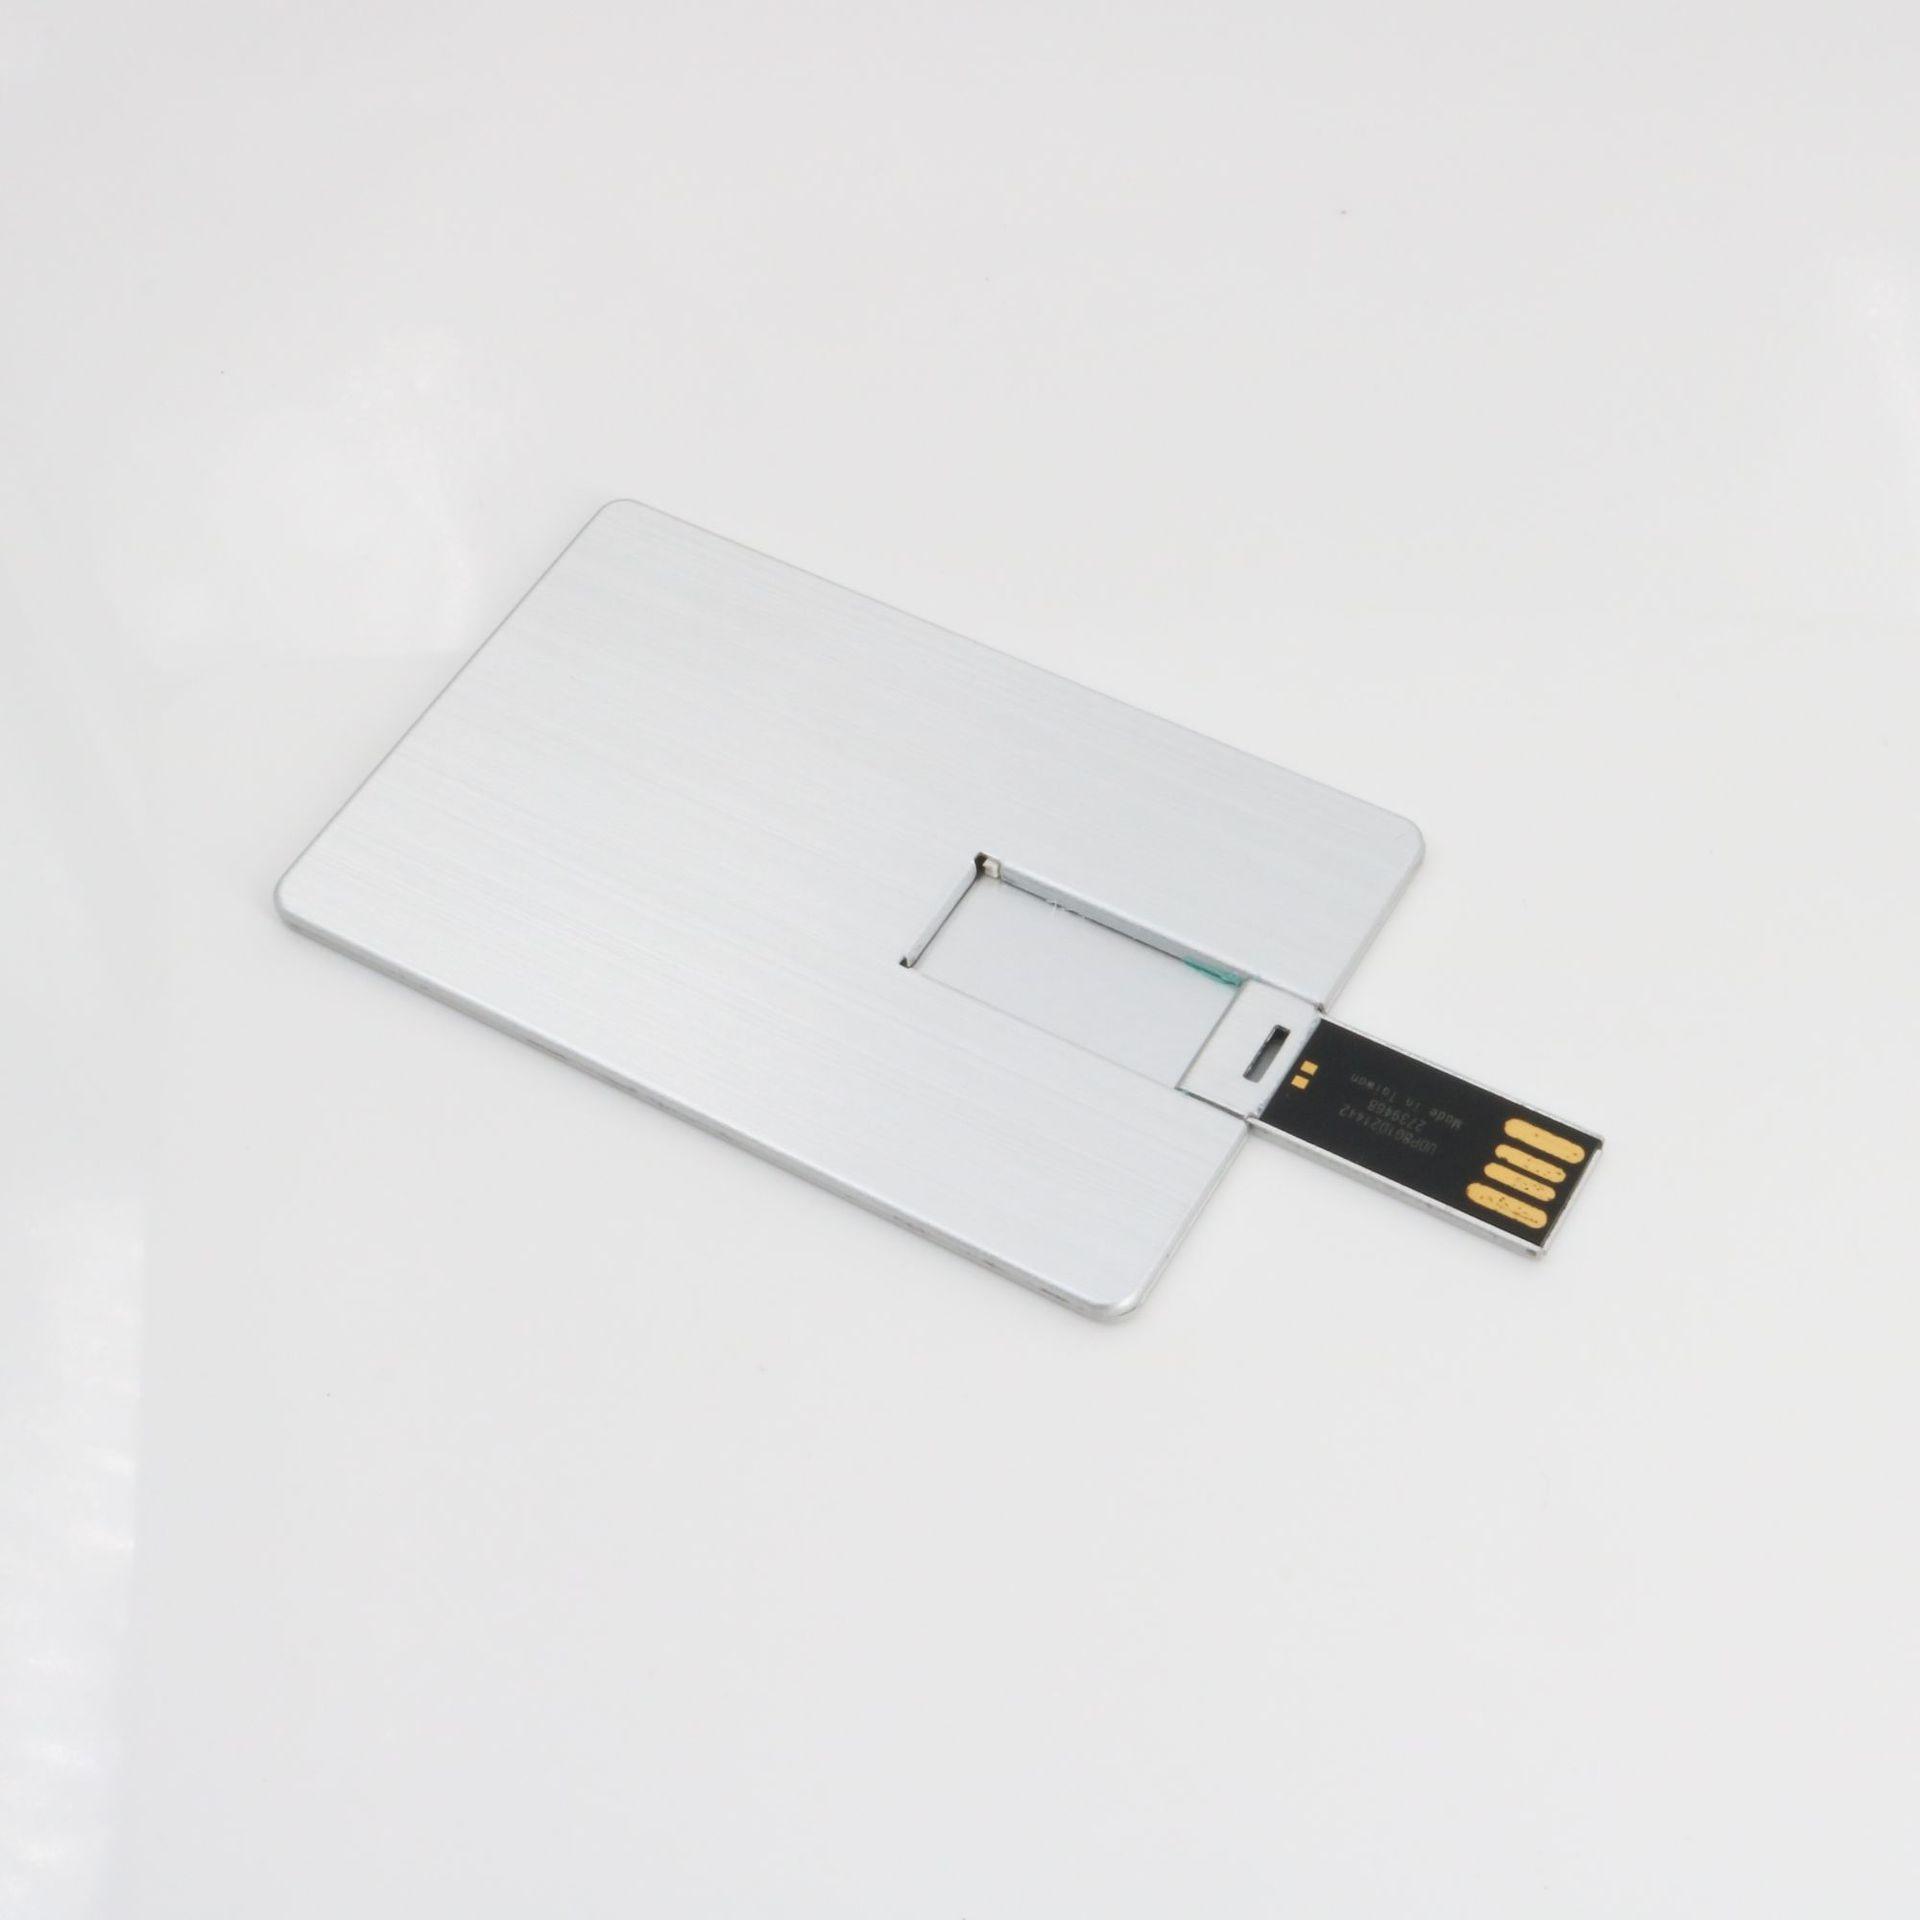 Ультра-тонкая металлическая карта U диск настраиваемый подарок USB накопитель алюминиевый сплав визитная карточка USB накопитель торги USB